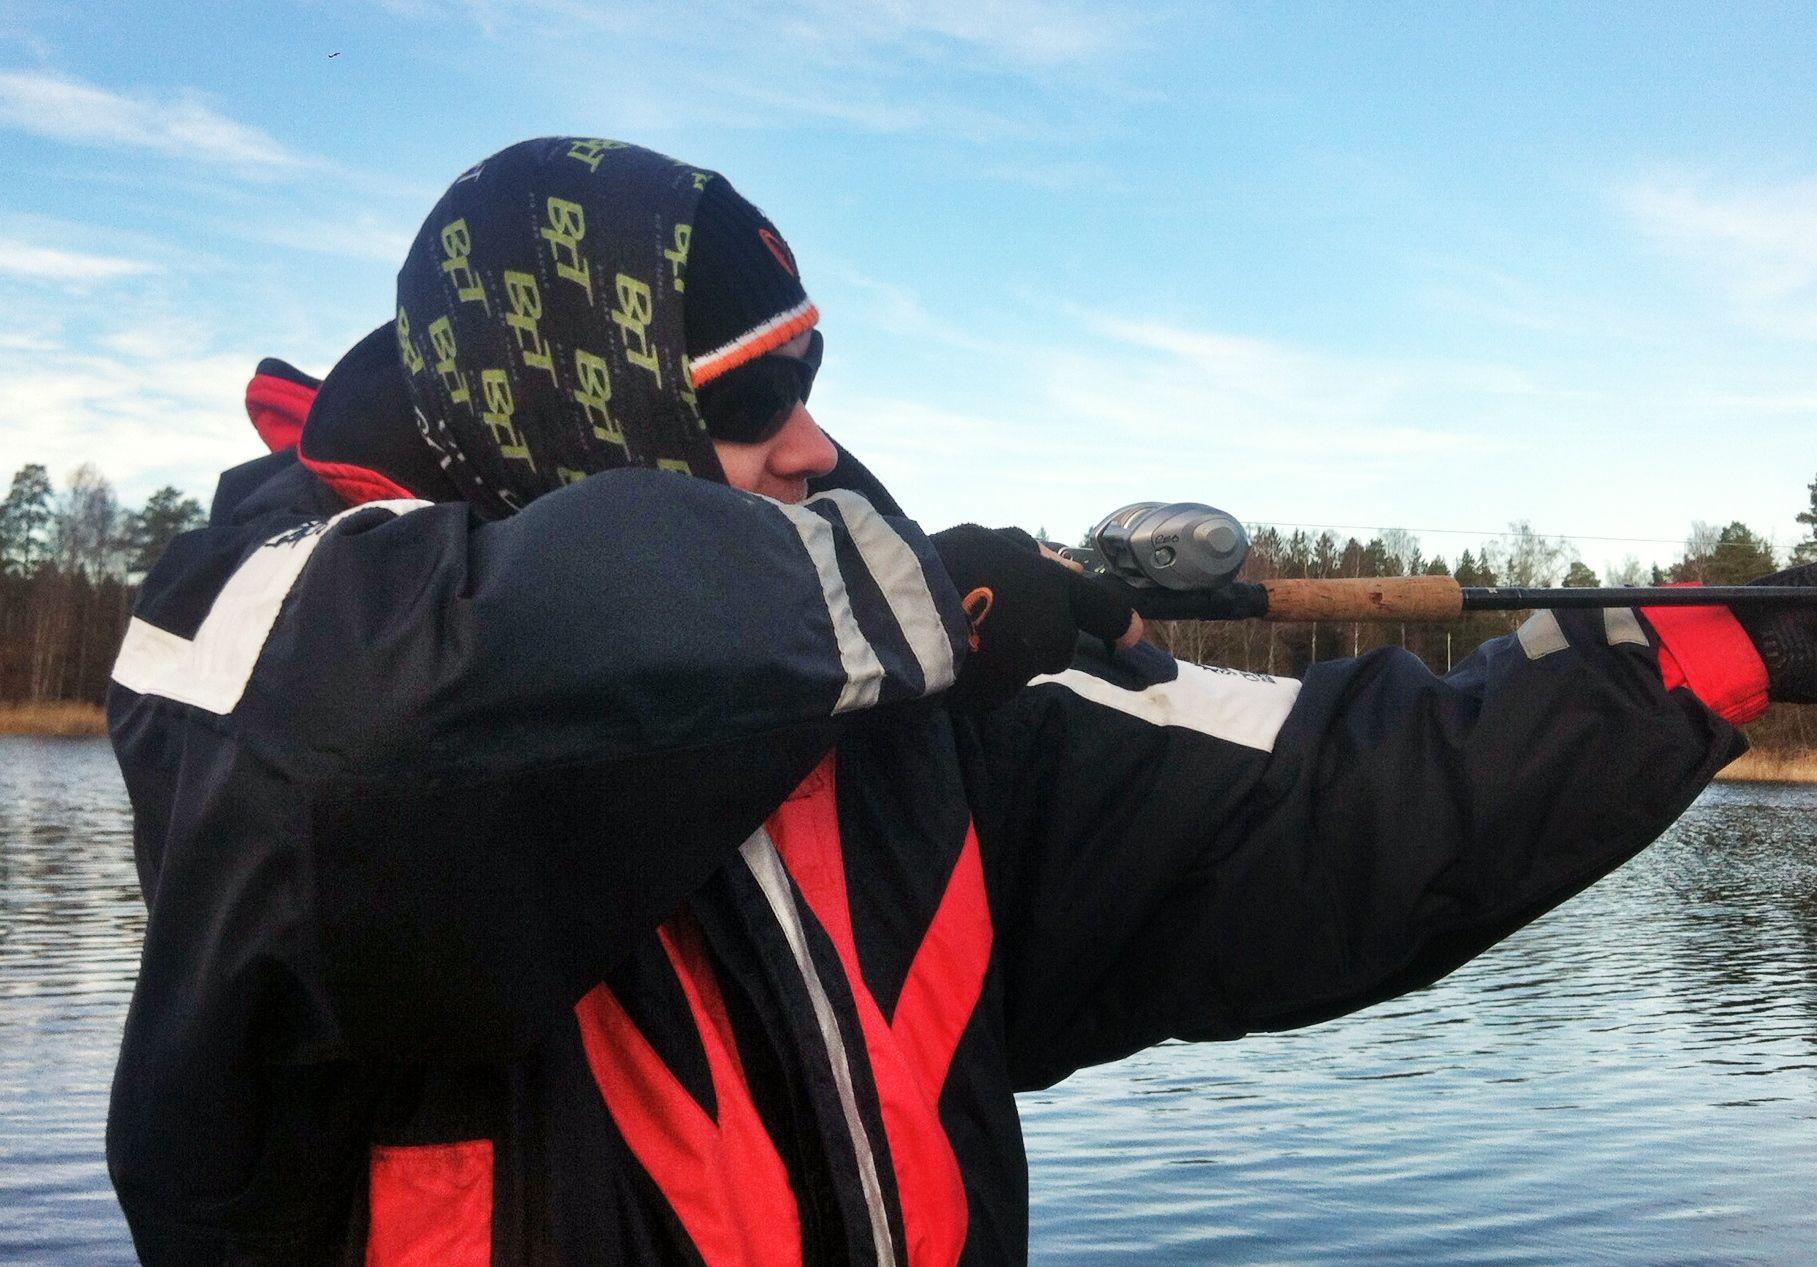 Taliban-Peter roar sig med prickskytte när fisket är trögt